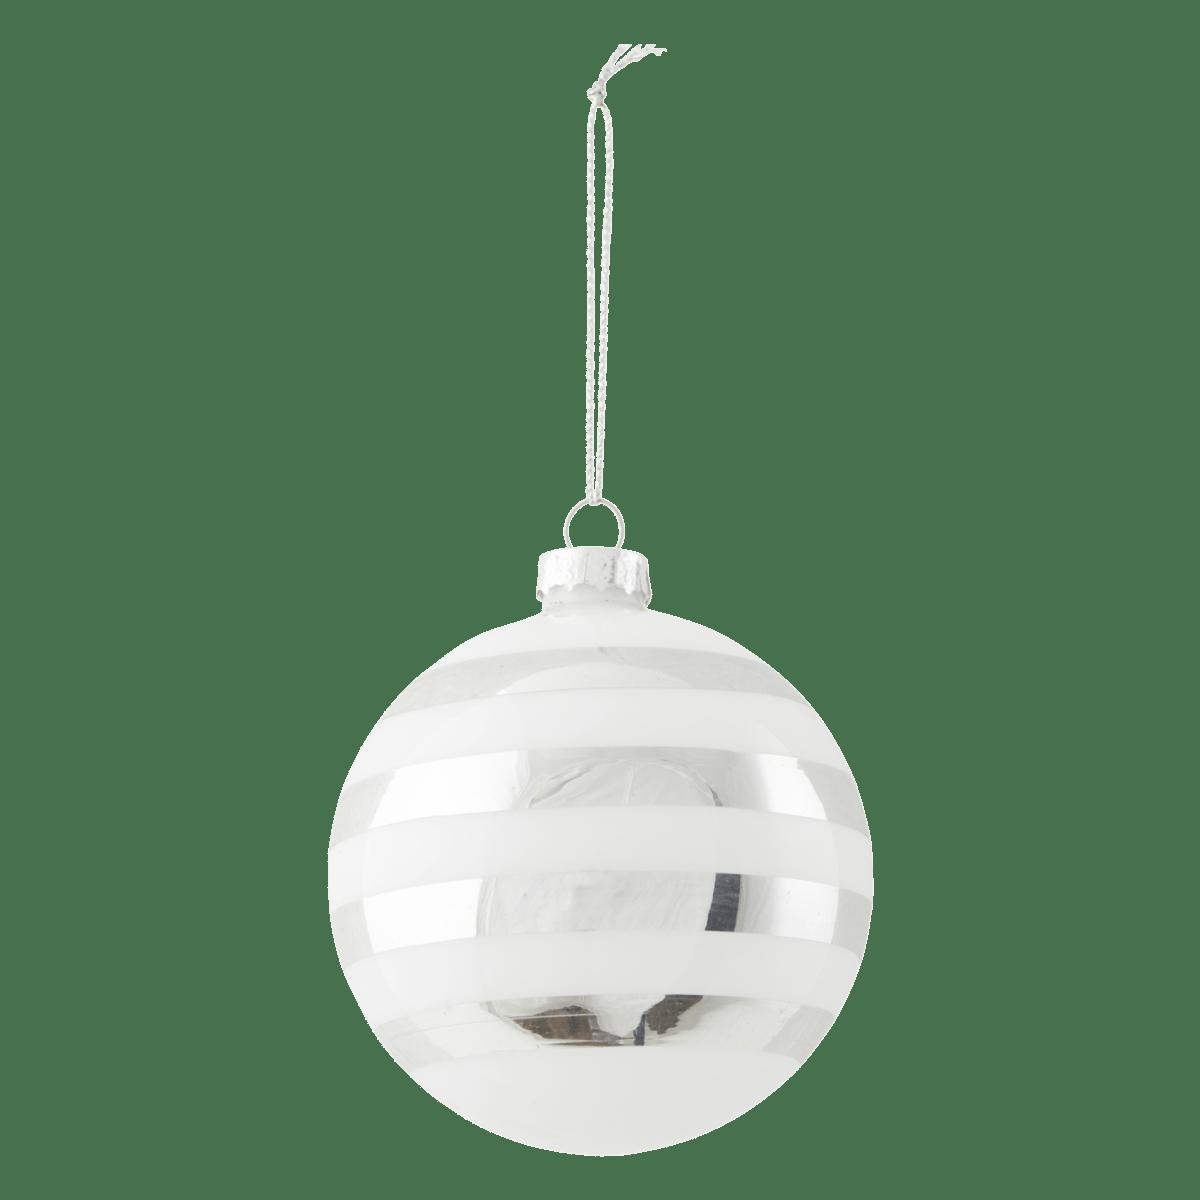 Stříbrná dekorační koule Stribe